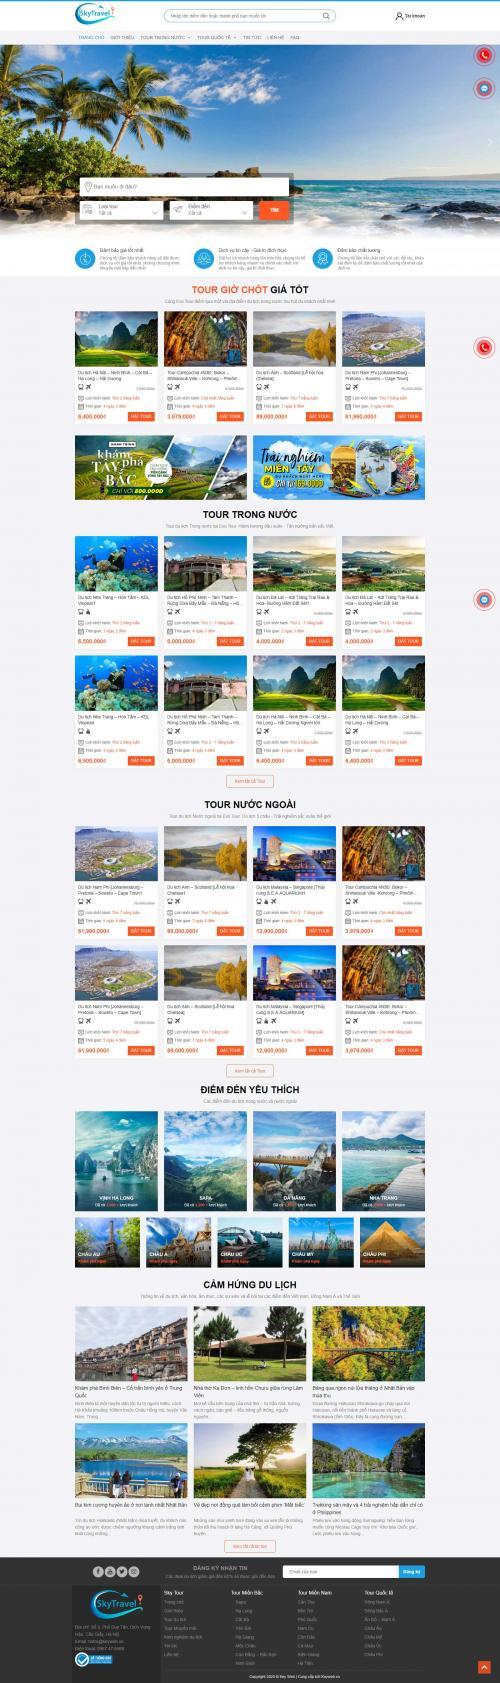 Du lịch SkyTravel